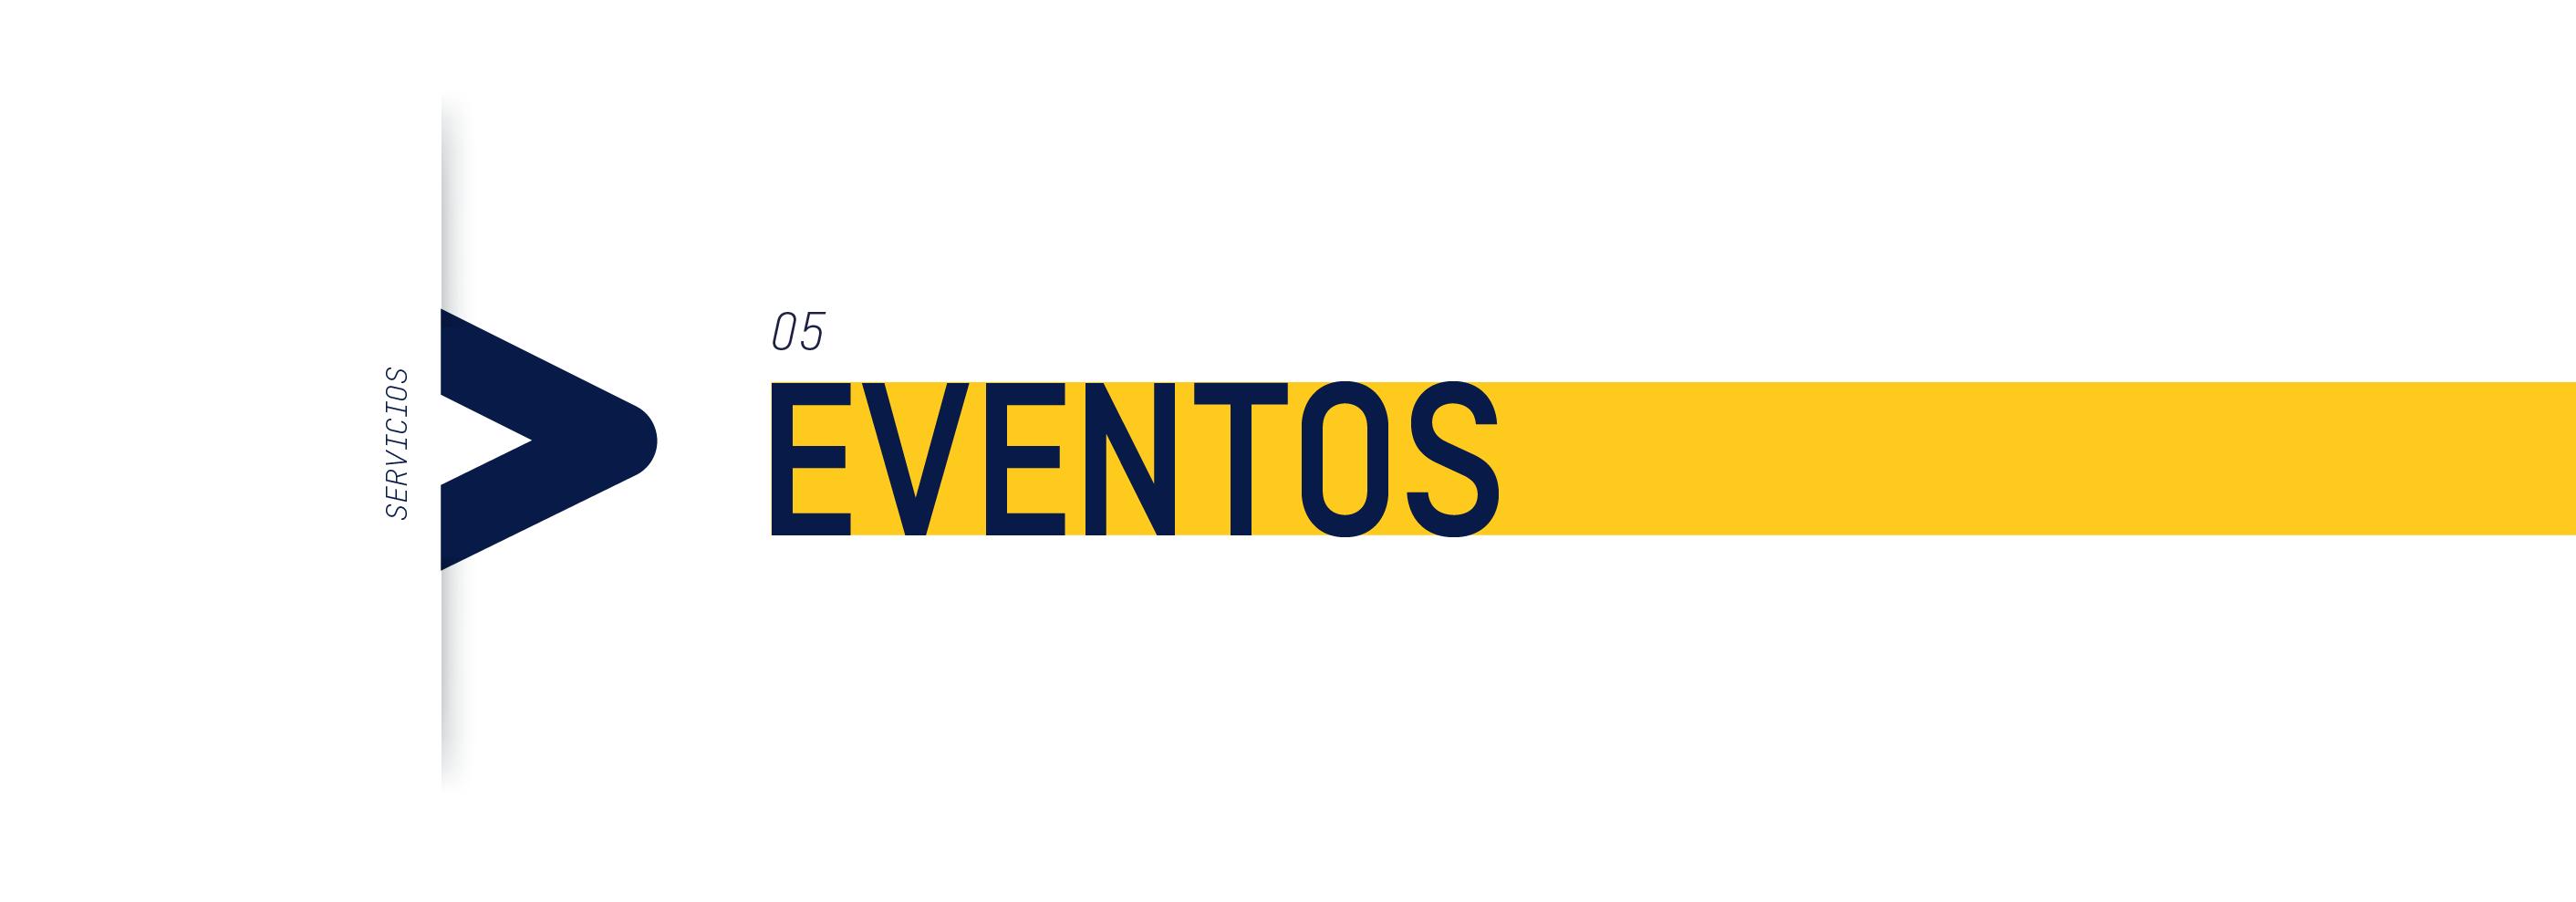 Cyma Comunicación Servicios: Eventos